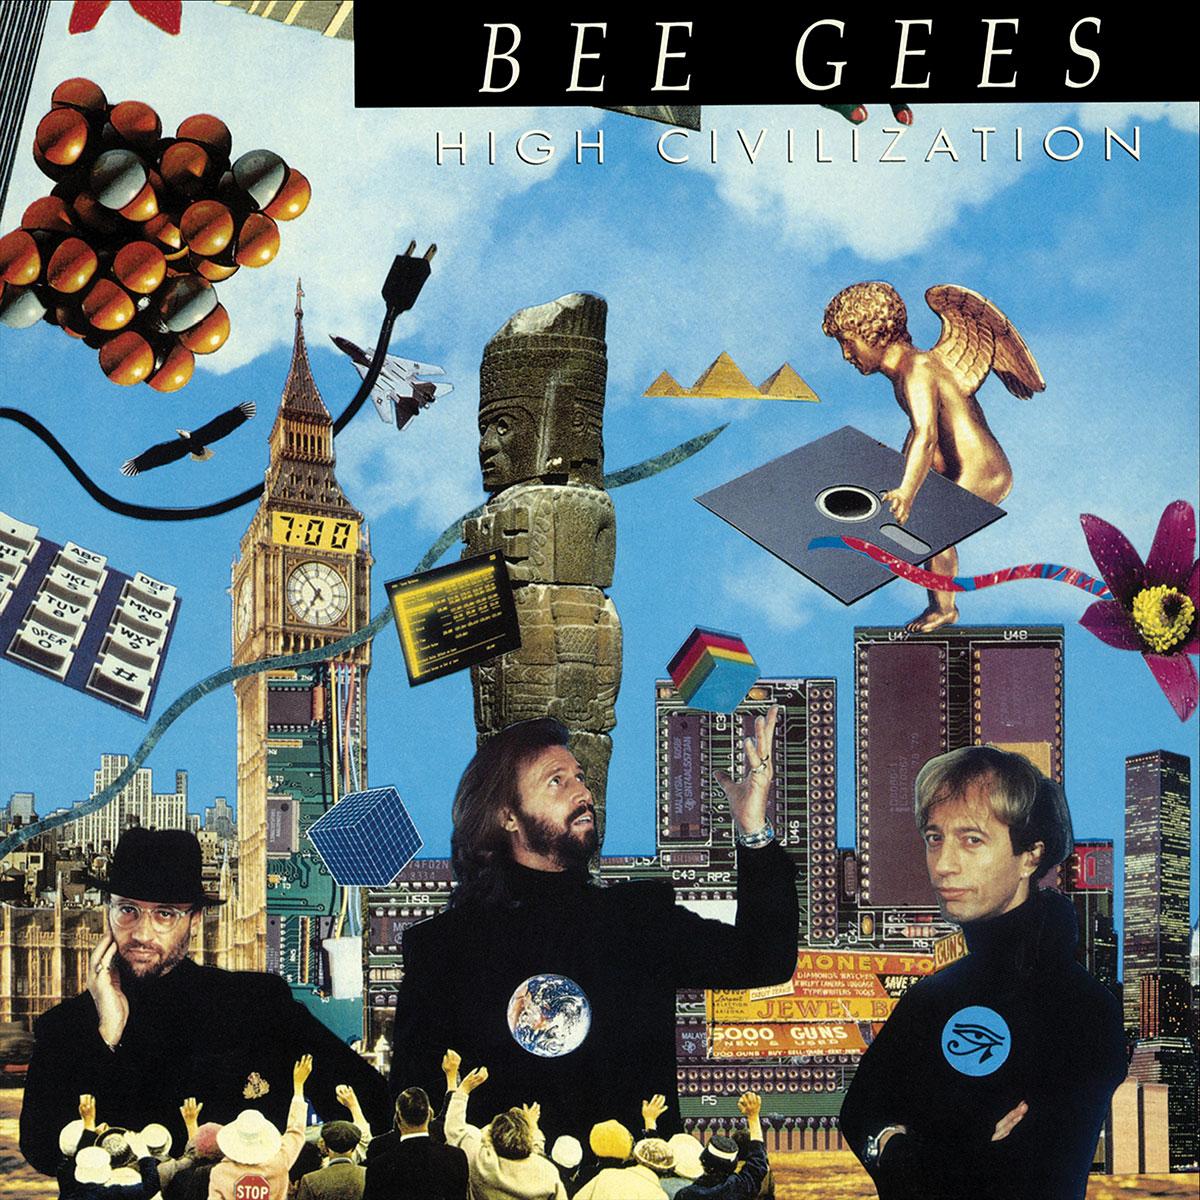 BeeGees_HighCivilization_iTunes.jpg